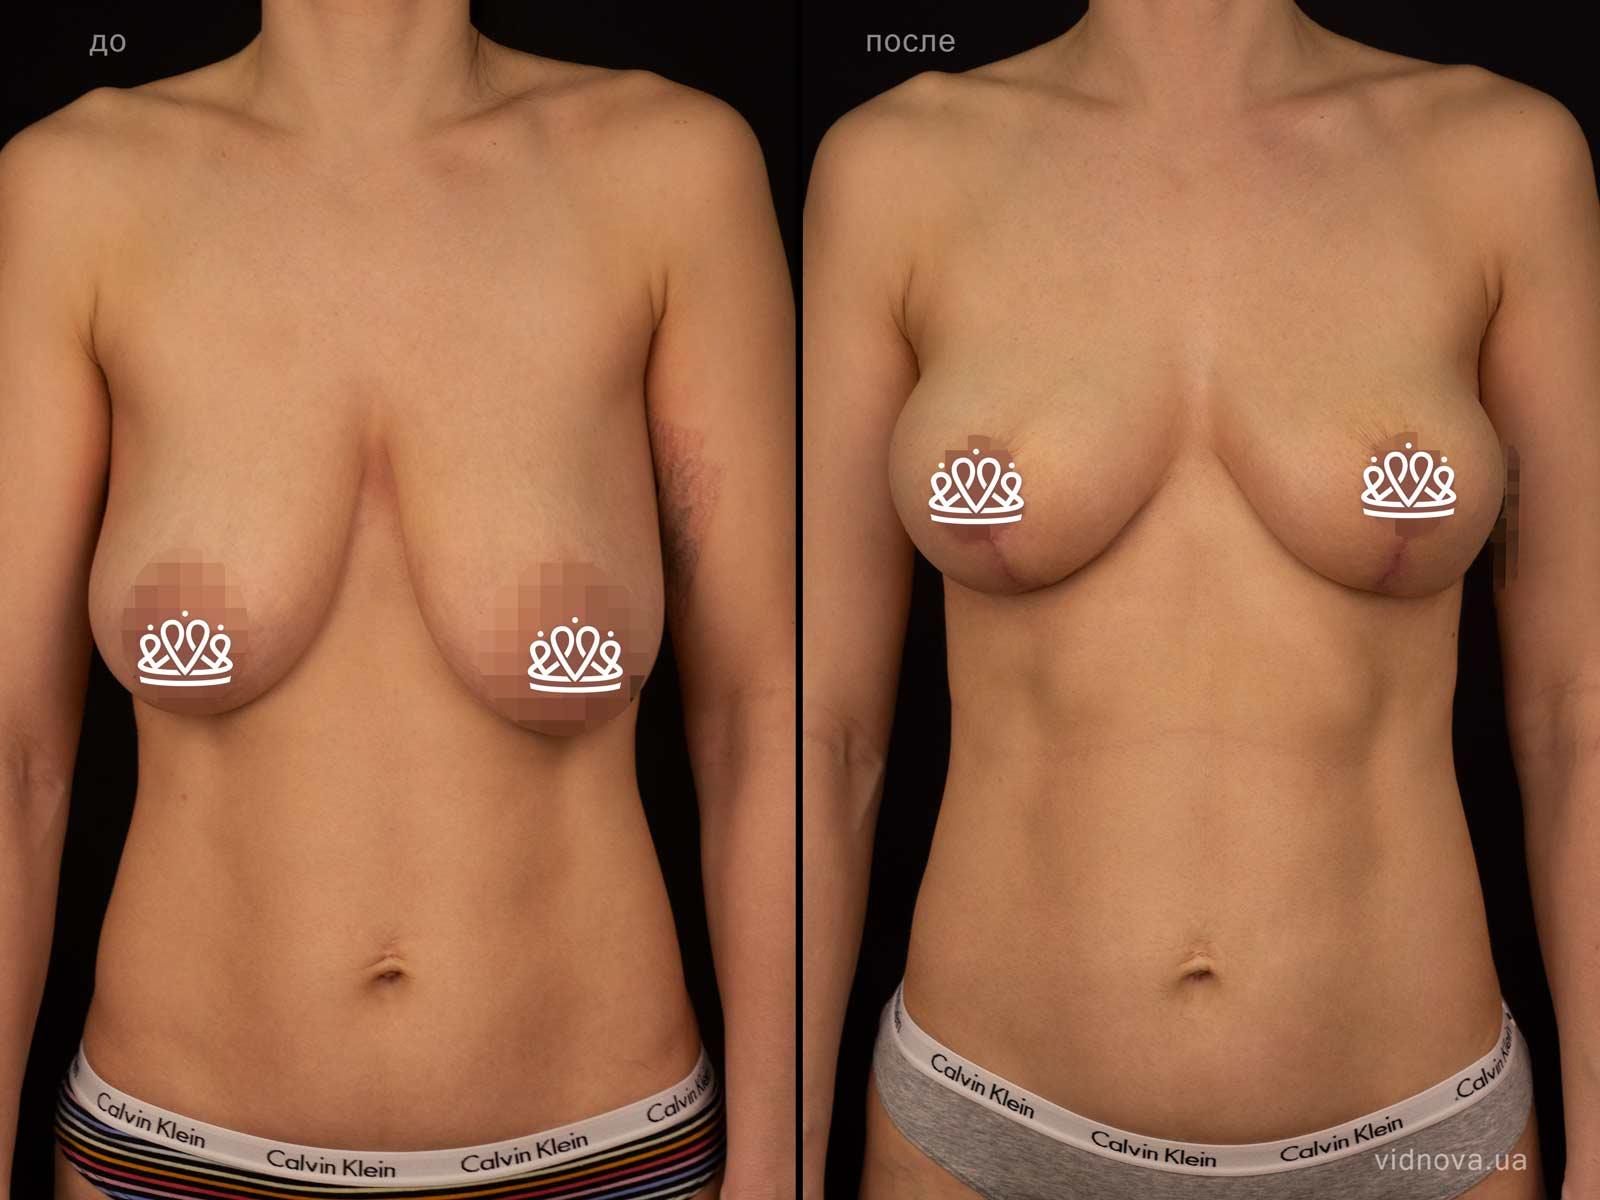 Пластика груди: результаты до и после - Пример №126-0 - Светлана Работенко